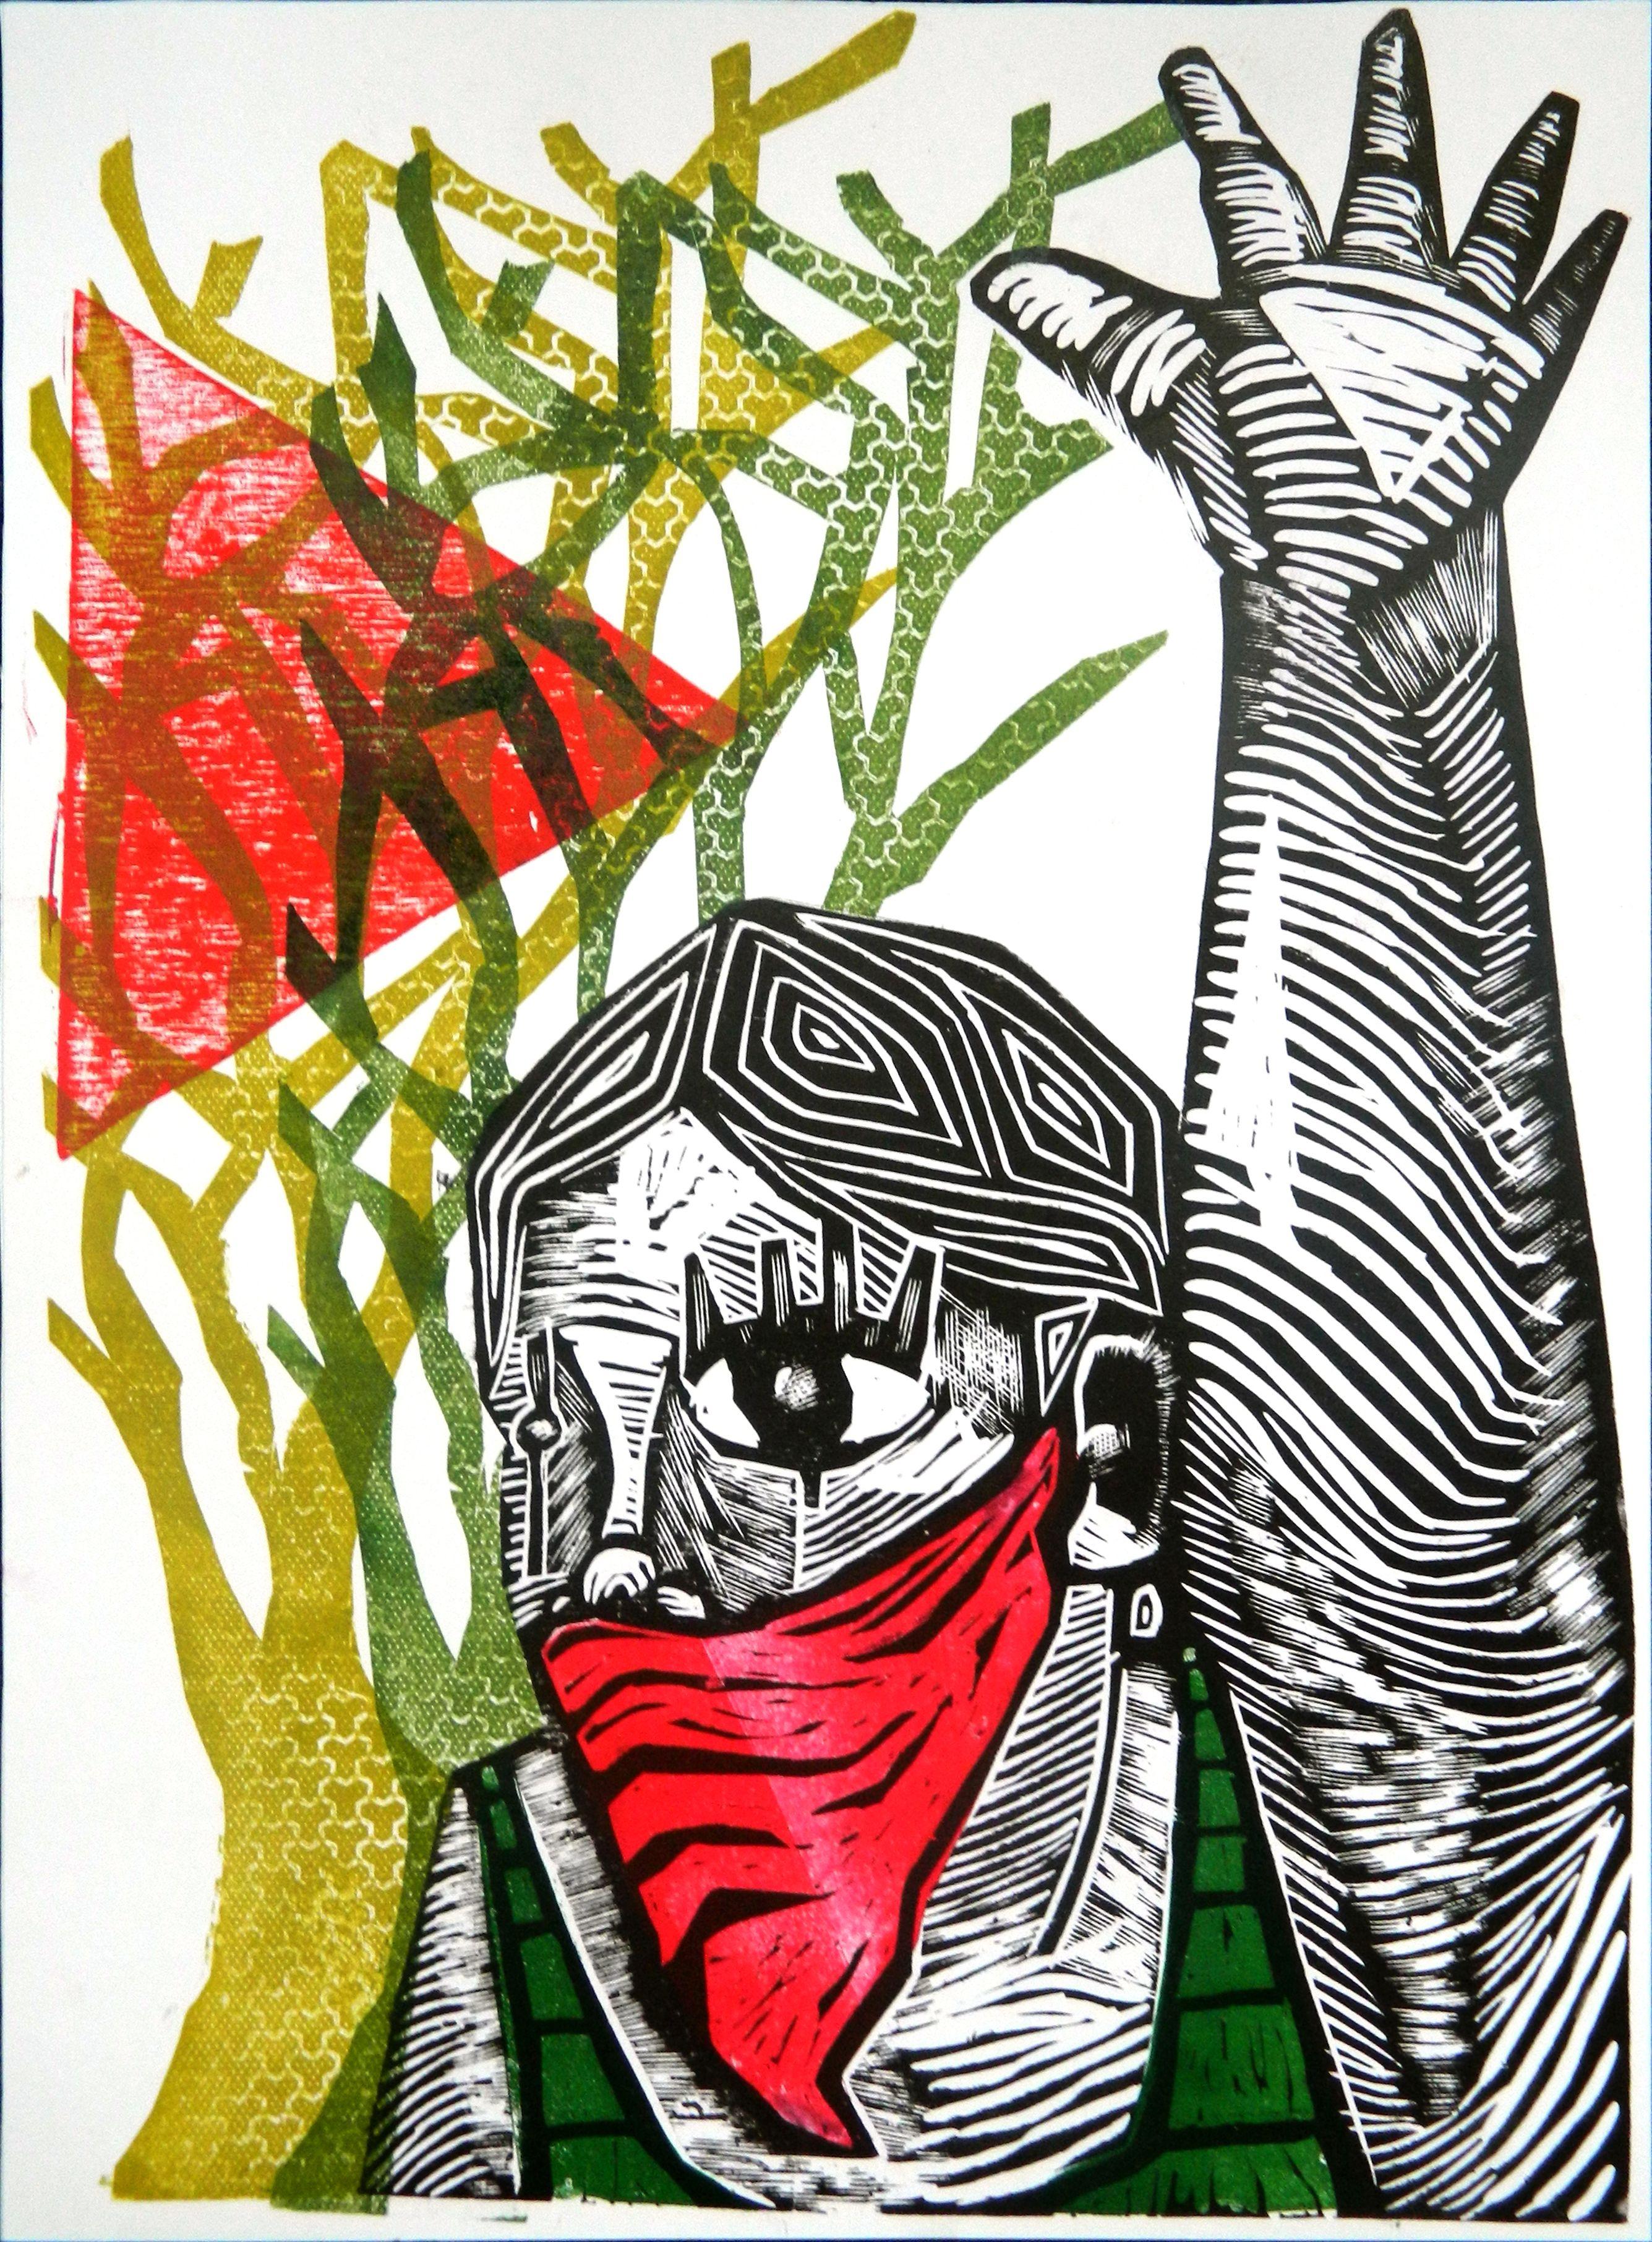 """""""Somos el color de la tierra"""", obra ganadora del I Salón de Grabado """"Palestina Libre"""". Artista: Lucho Galo Fuente: es.pinterest.com/cultpalestina/"""